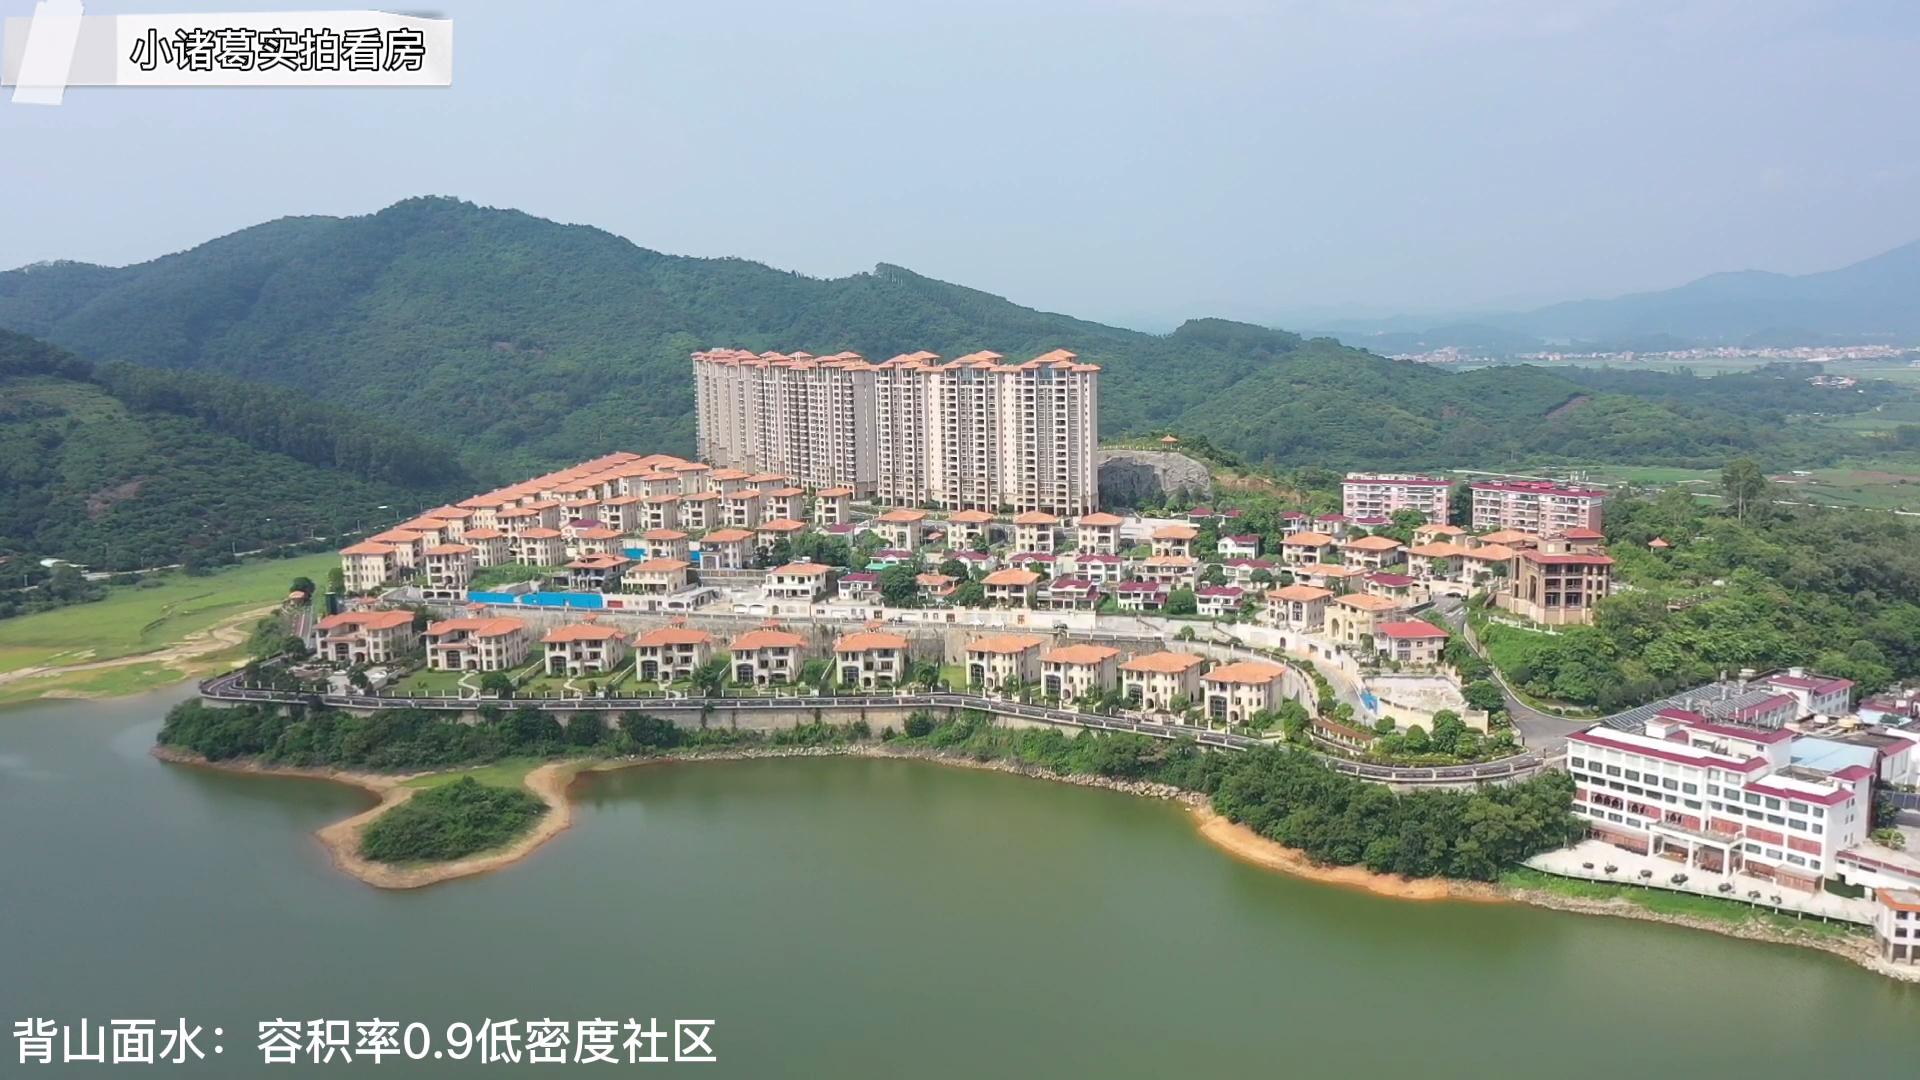 实拍:广州价值4000万独栋豪宅别墅,稀缺湖景资源就值上千万!